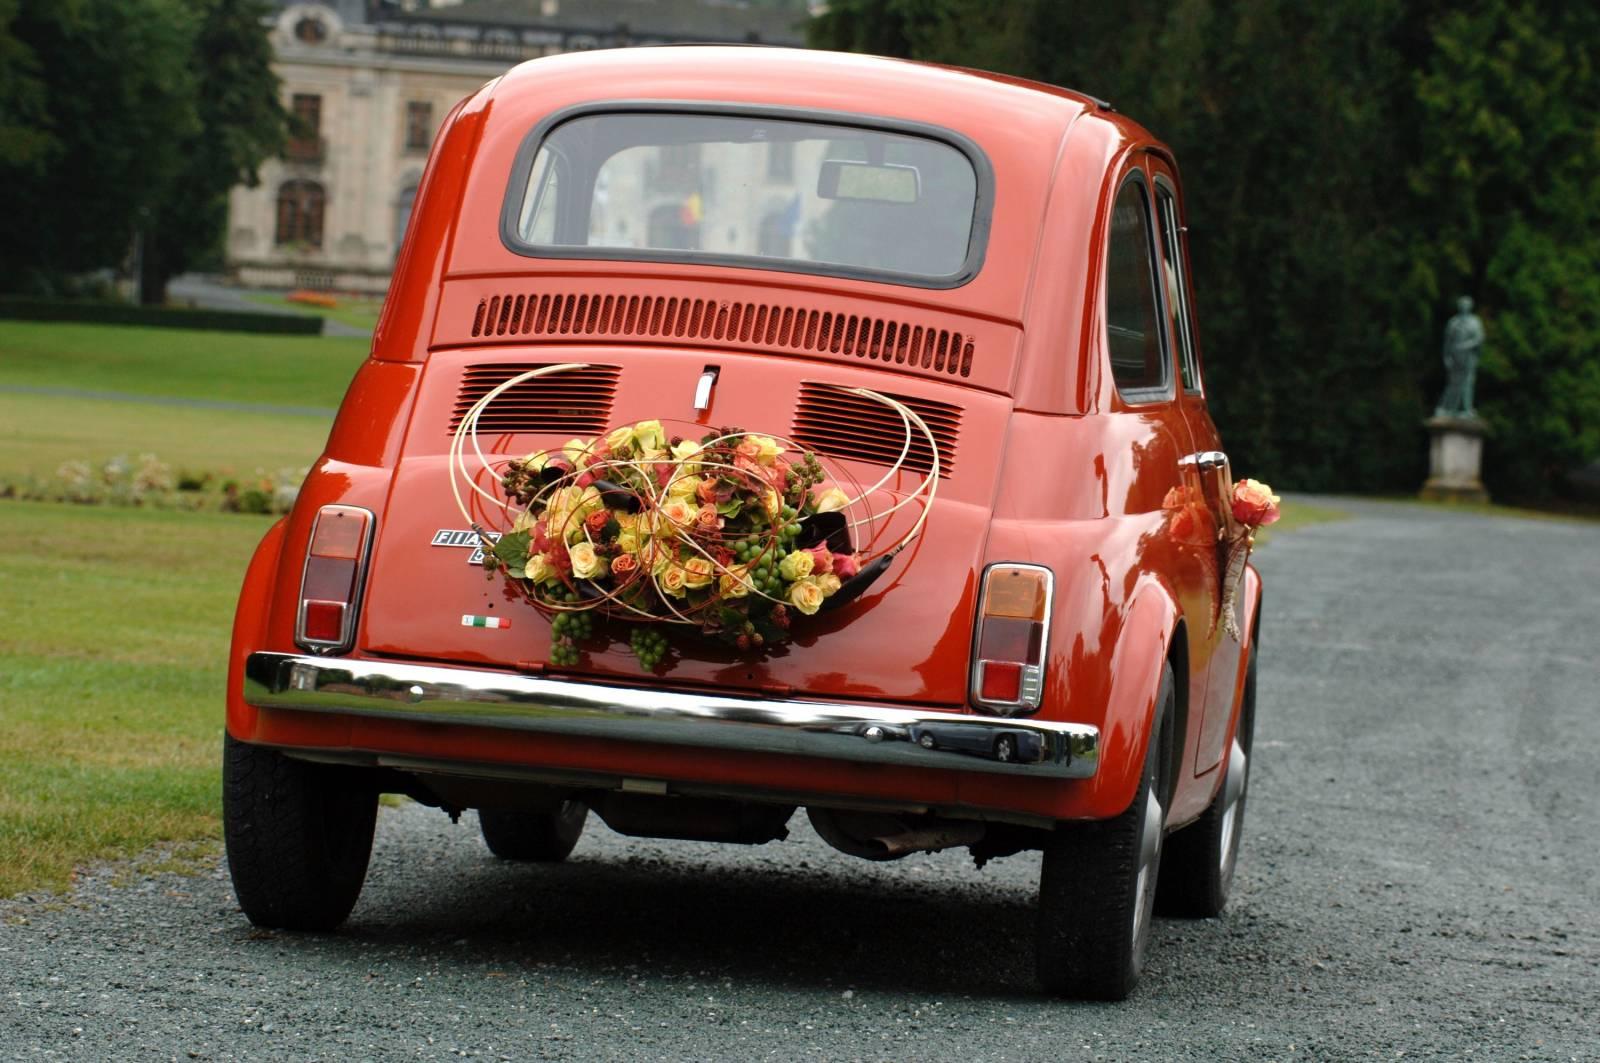 Floral Artists - Bloemen huwelijk trouw bruiloft - Bruidsboeket - Bloemendecoratie - House of Weddings - 1